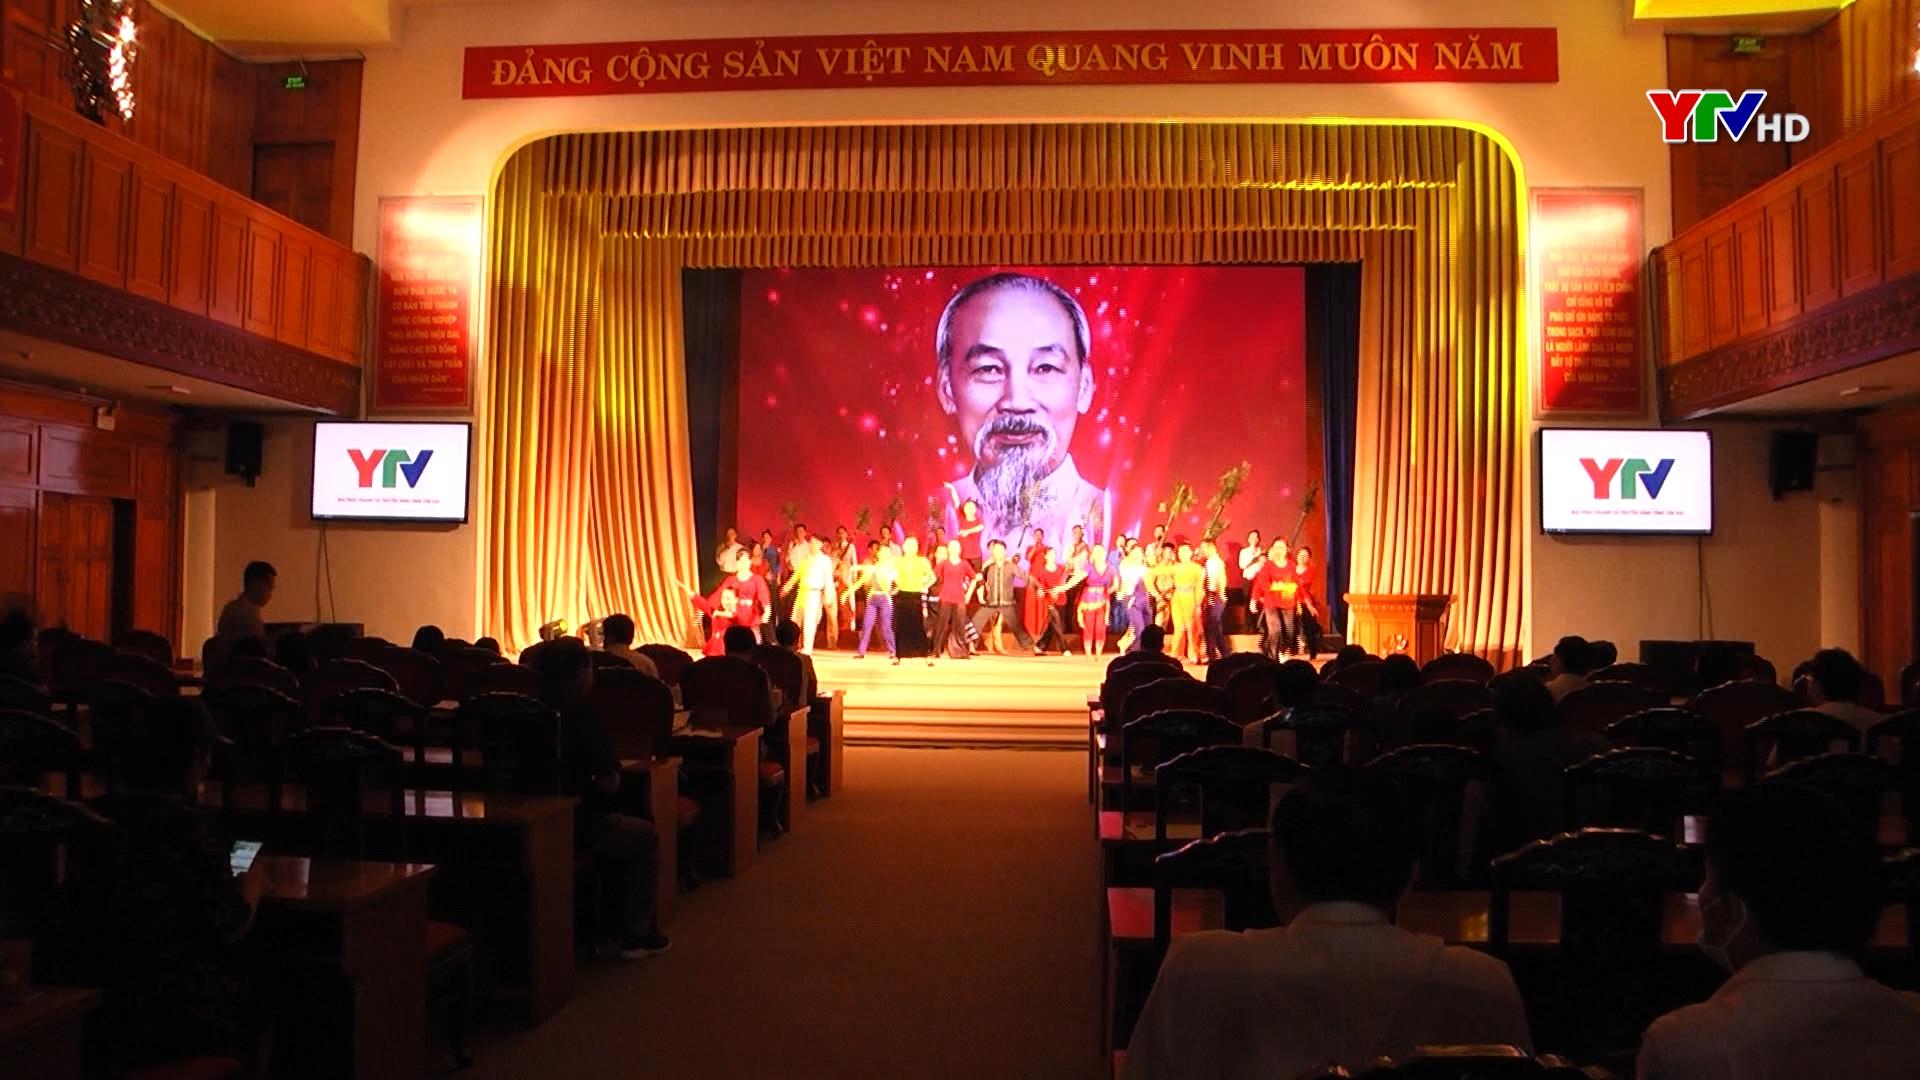 Tổng duyệt chương trình, nội dung Đại hội Thi đua yêu nước tỉnh Yên Bái lần thứ X, năm 2020